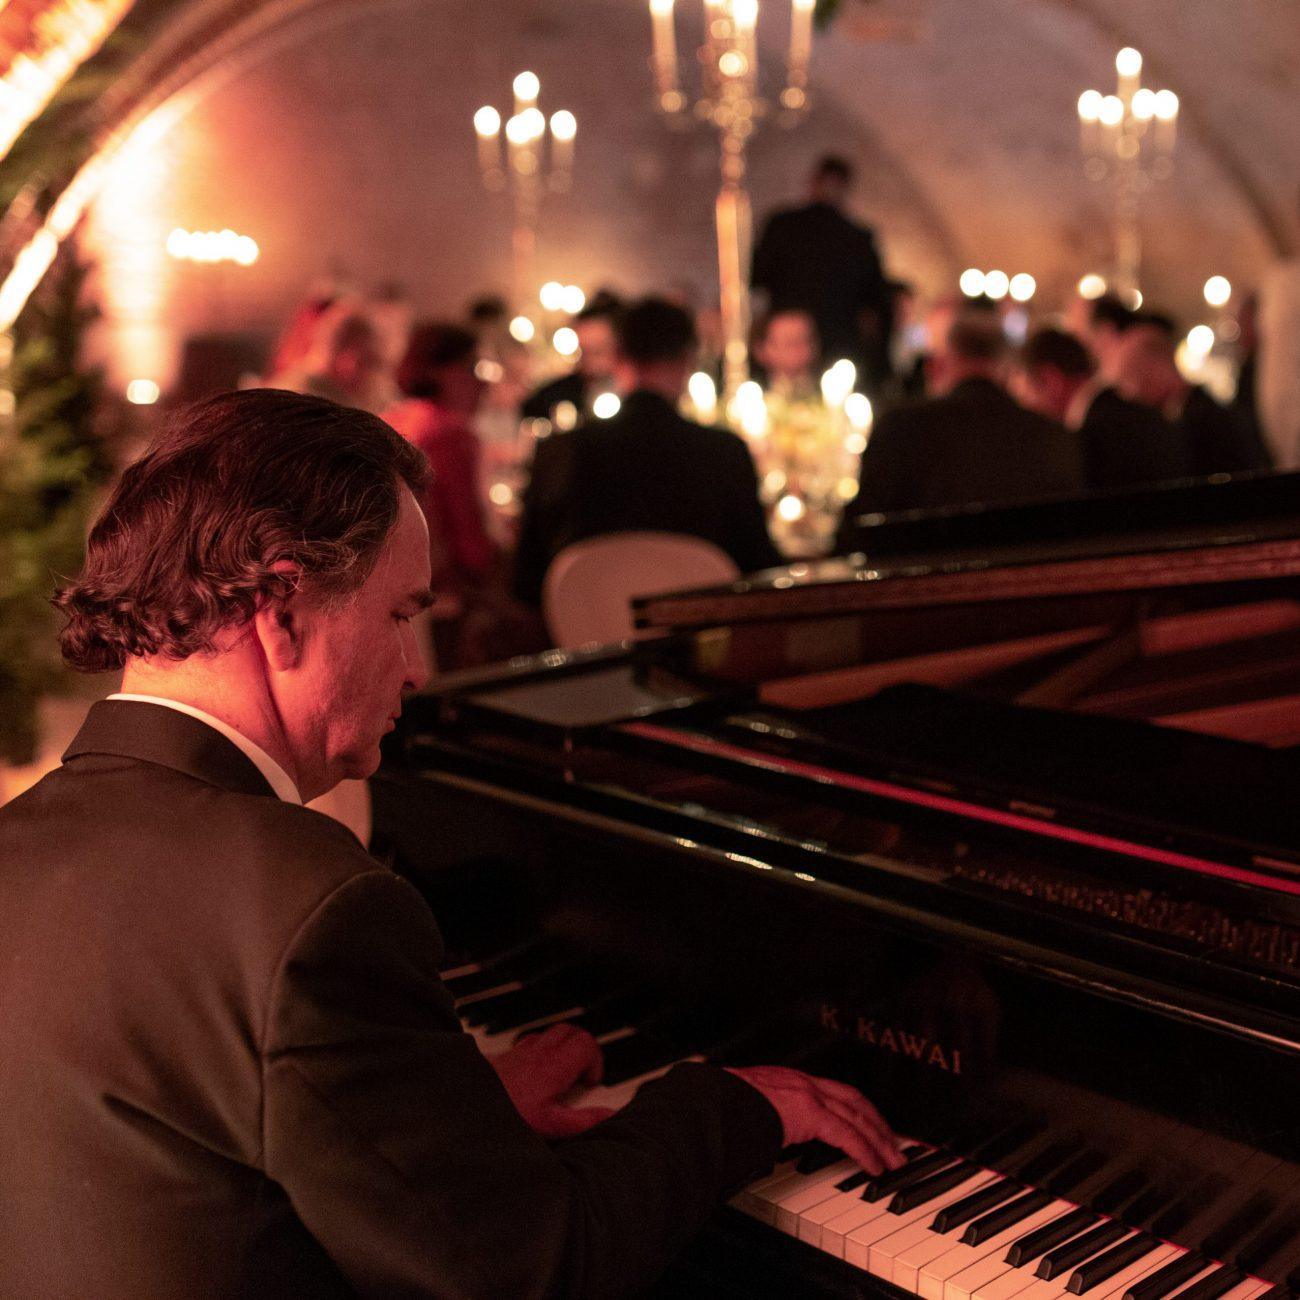 Eventi_Aziendali_Paolo_Zanarella_pianistafuoriposto_fortemovie_